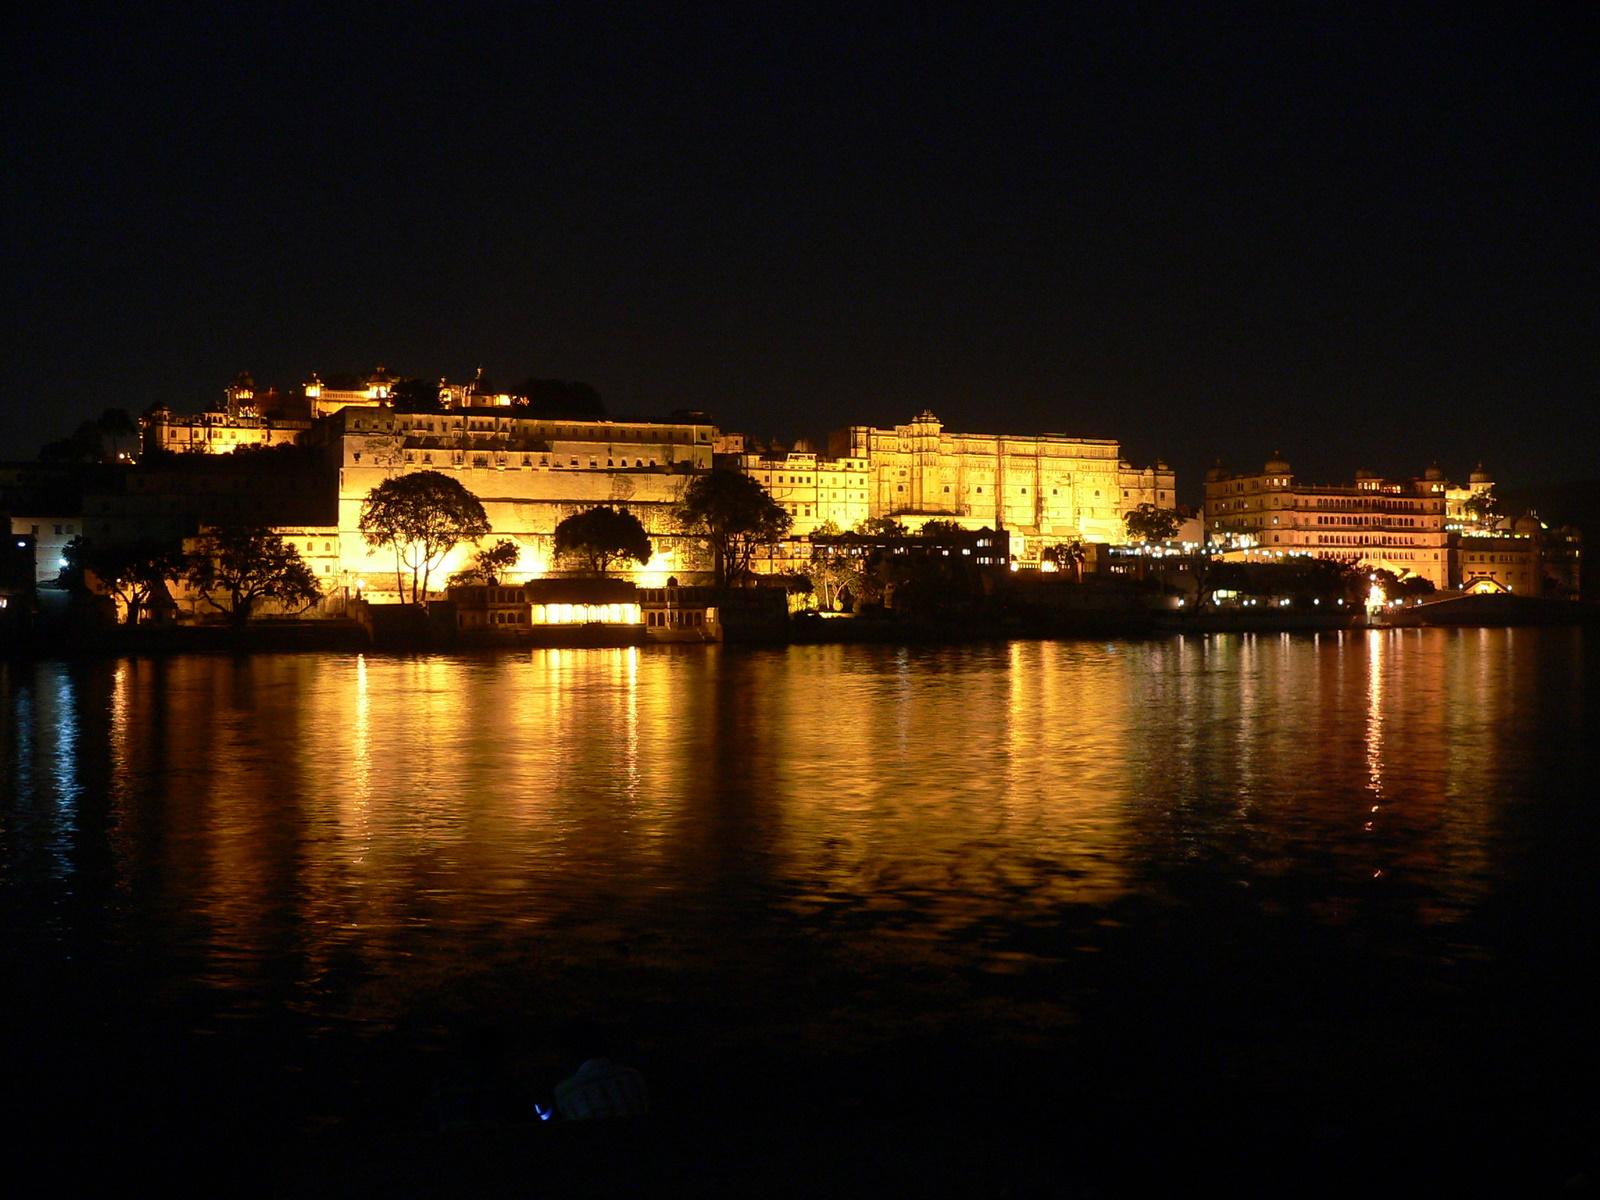 City Palace Hotel Udaipur